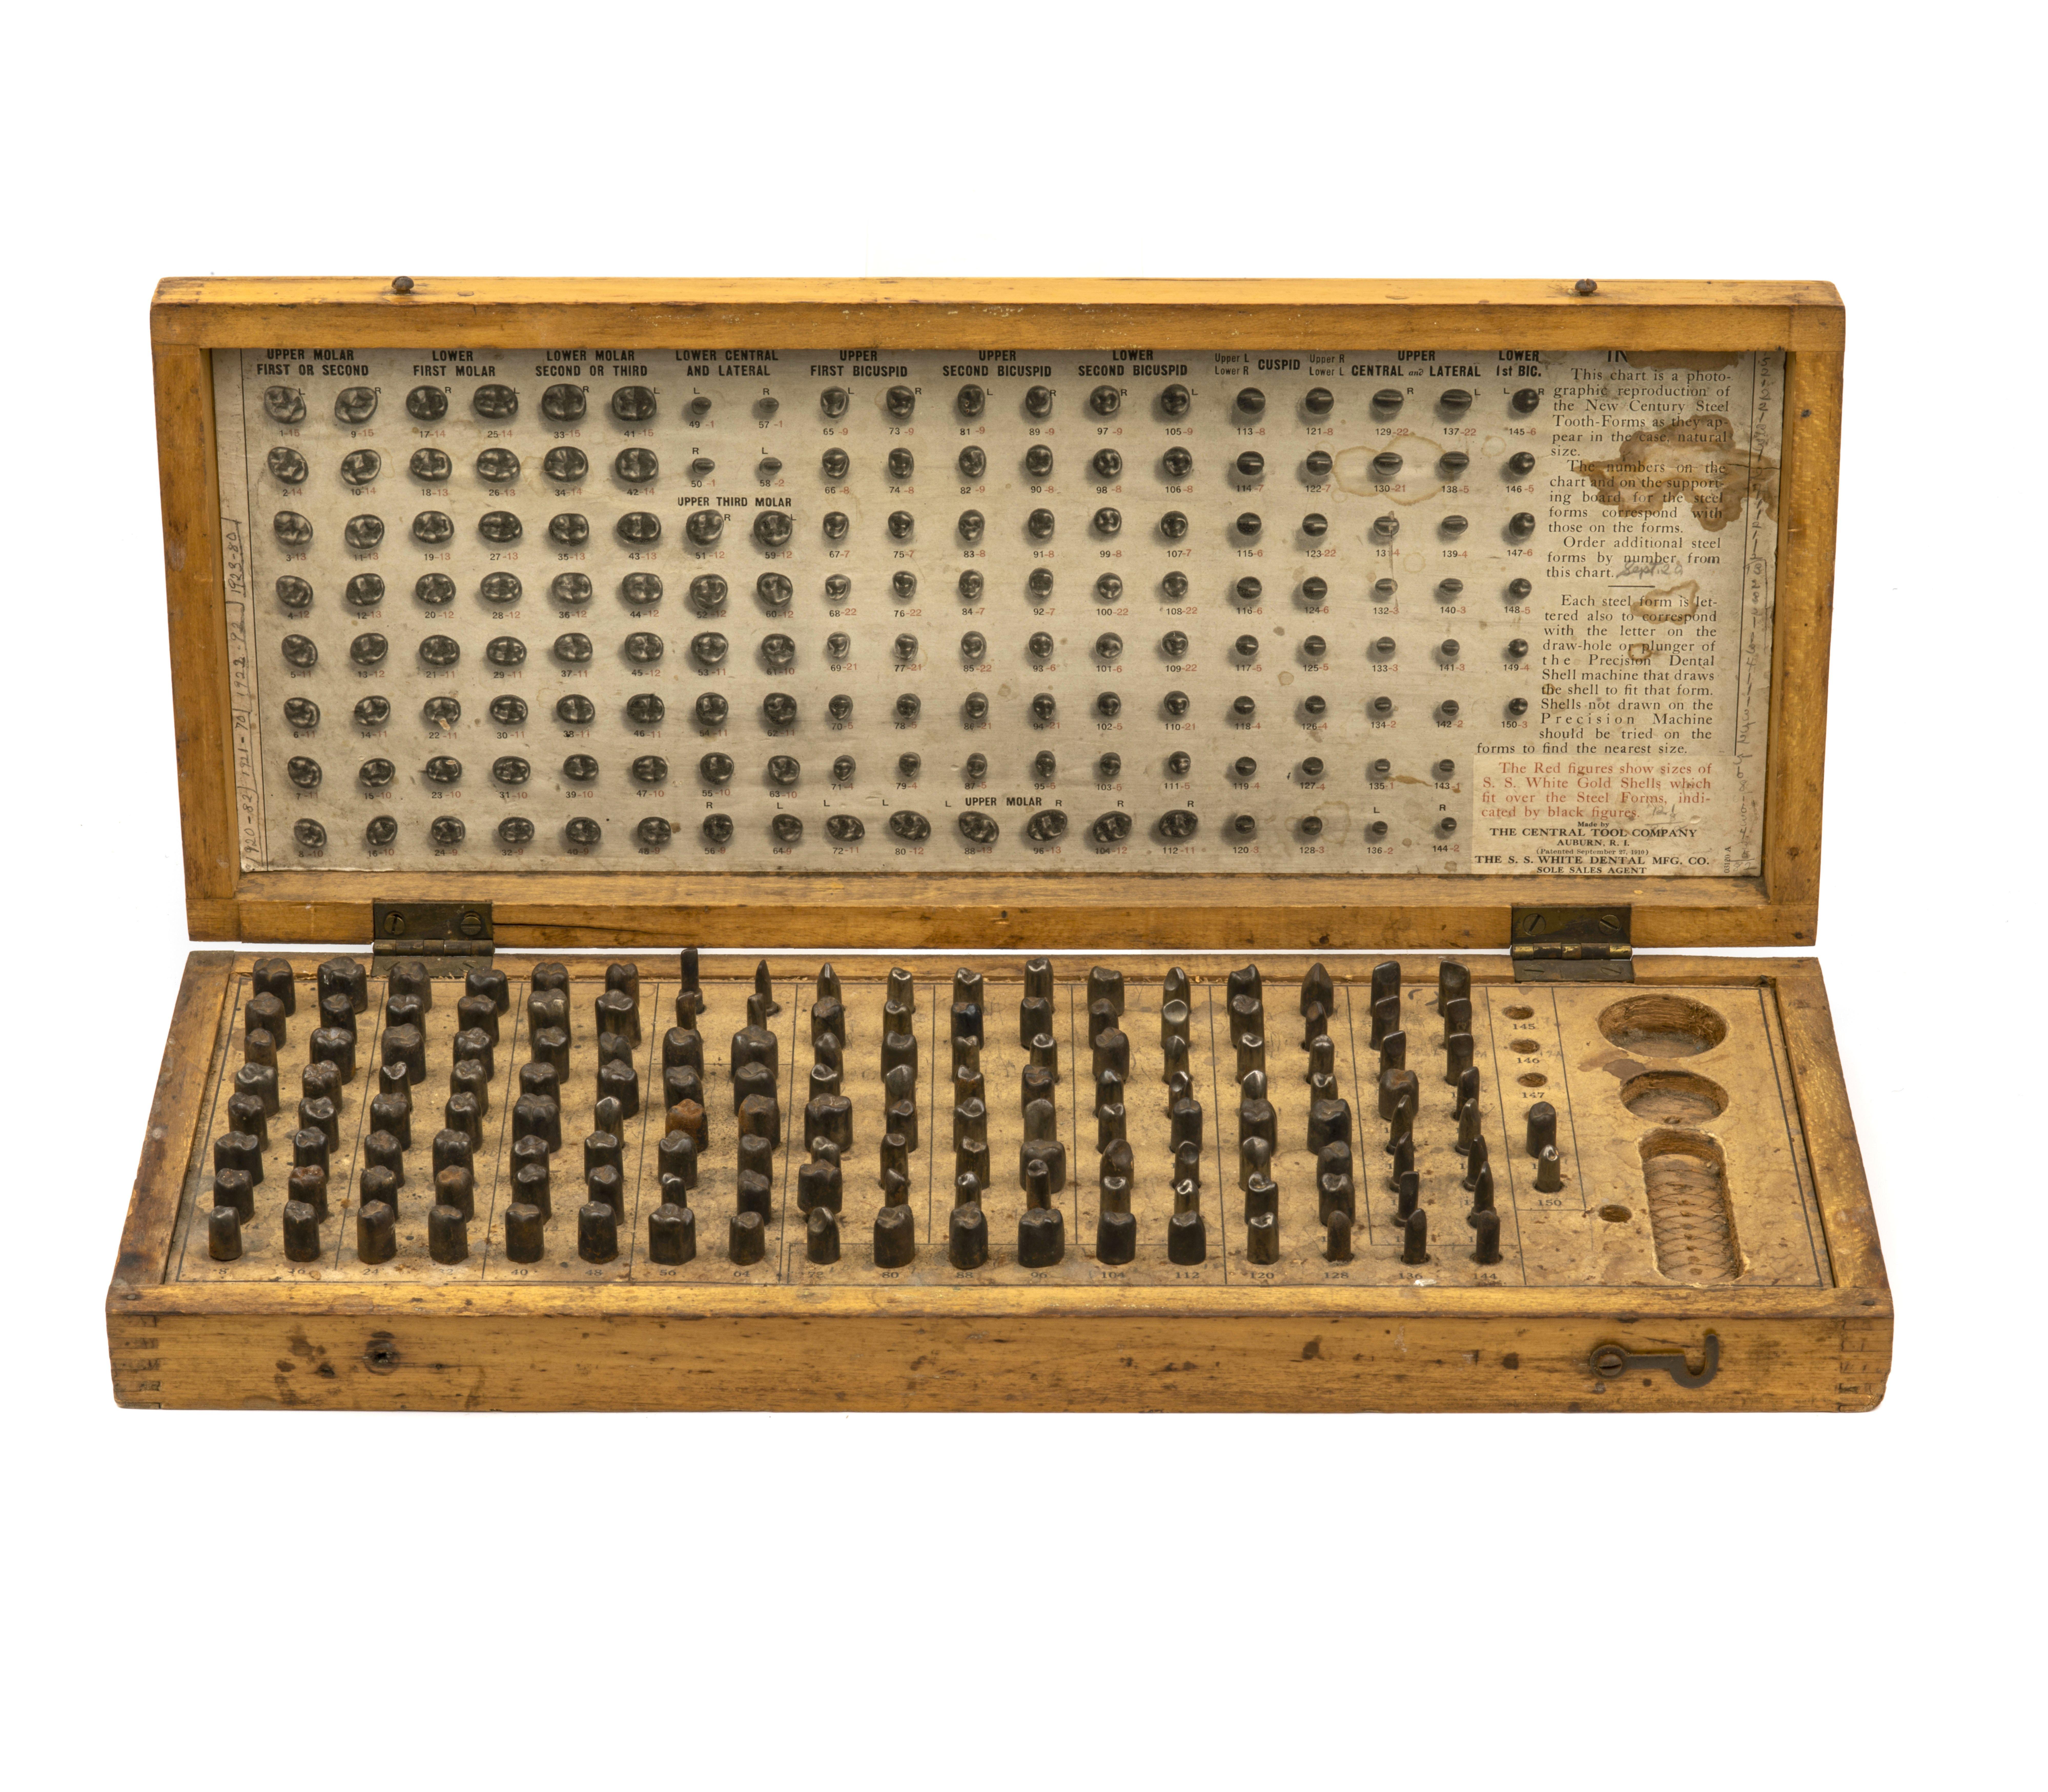 antique dental equipment